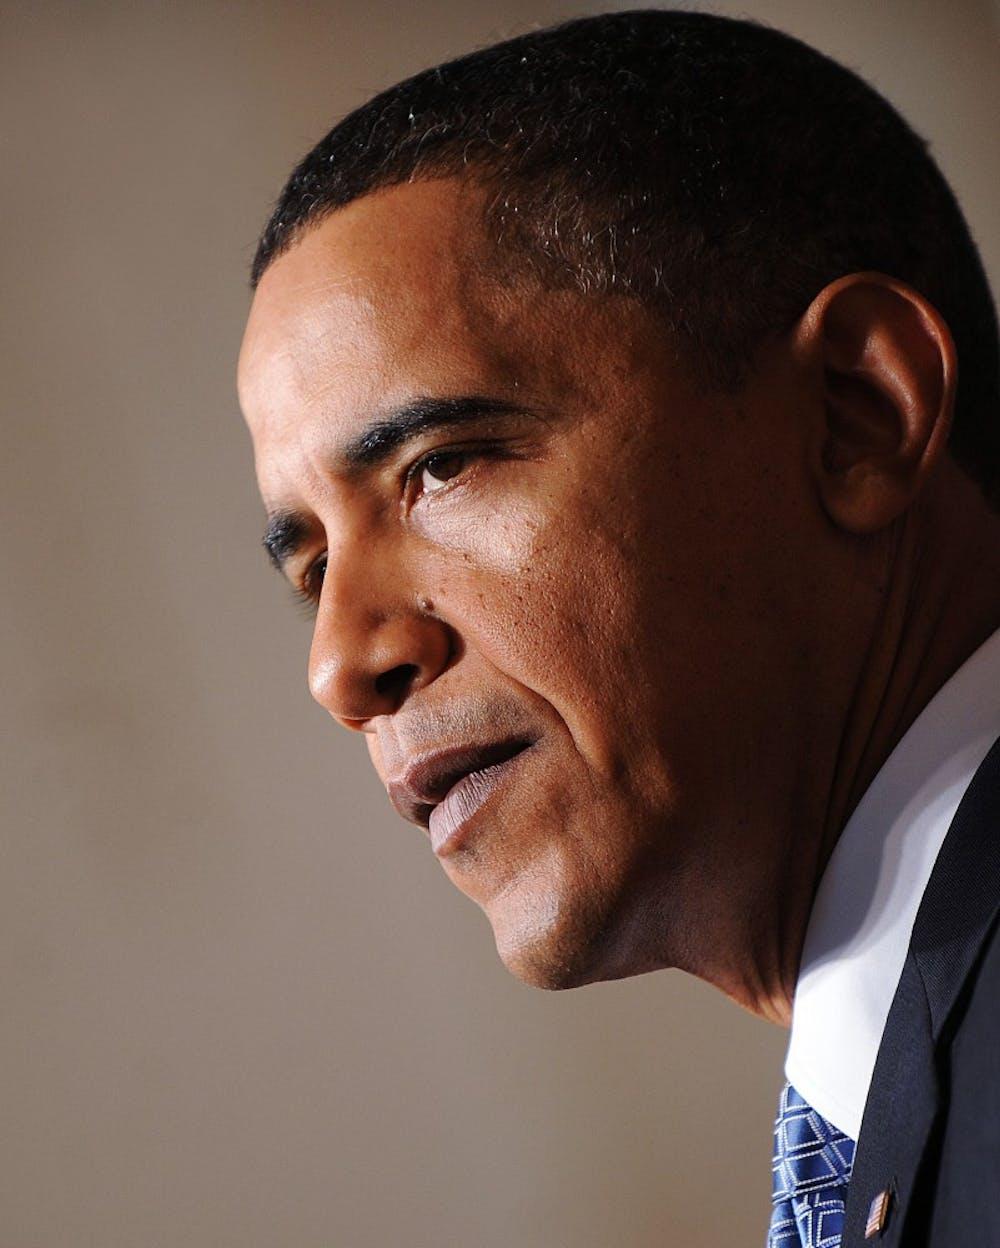 Obama took action despite balky GOP